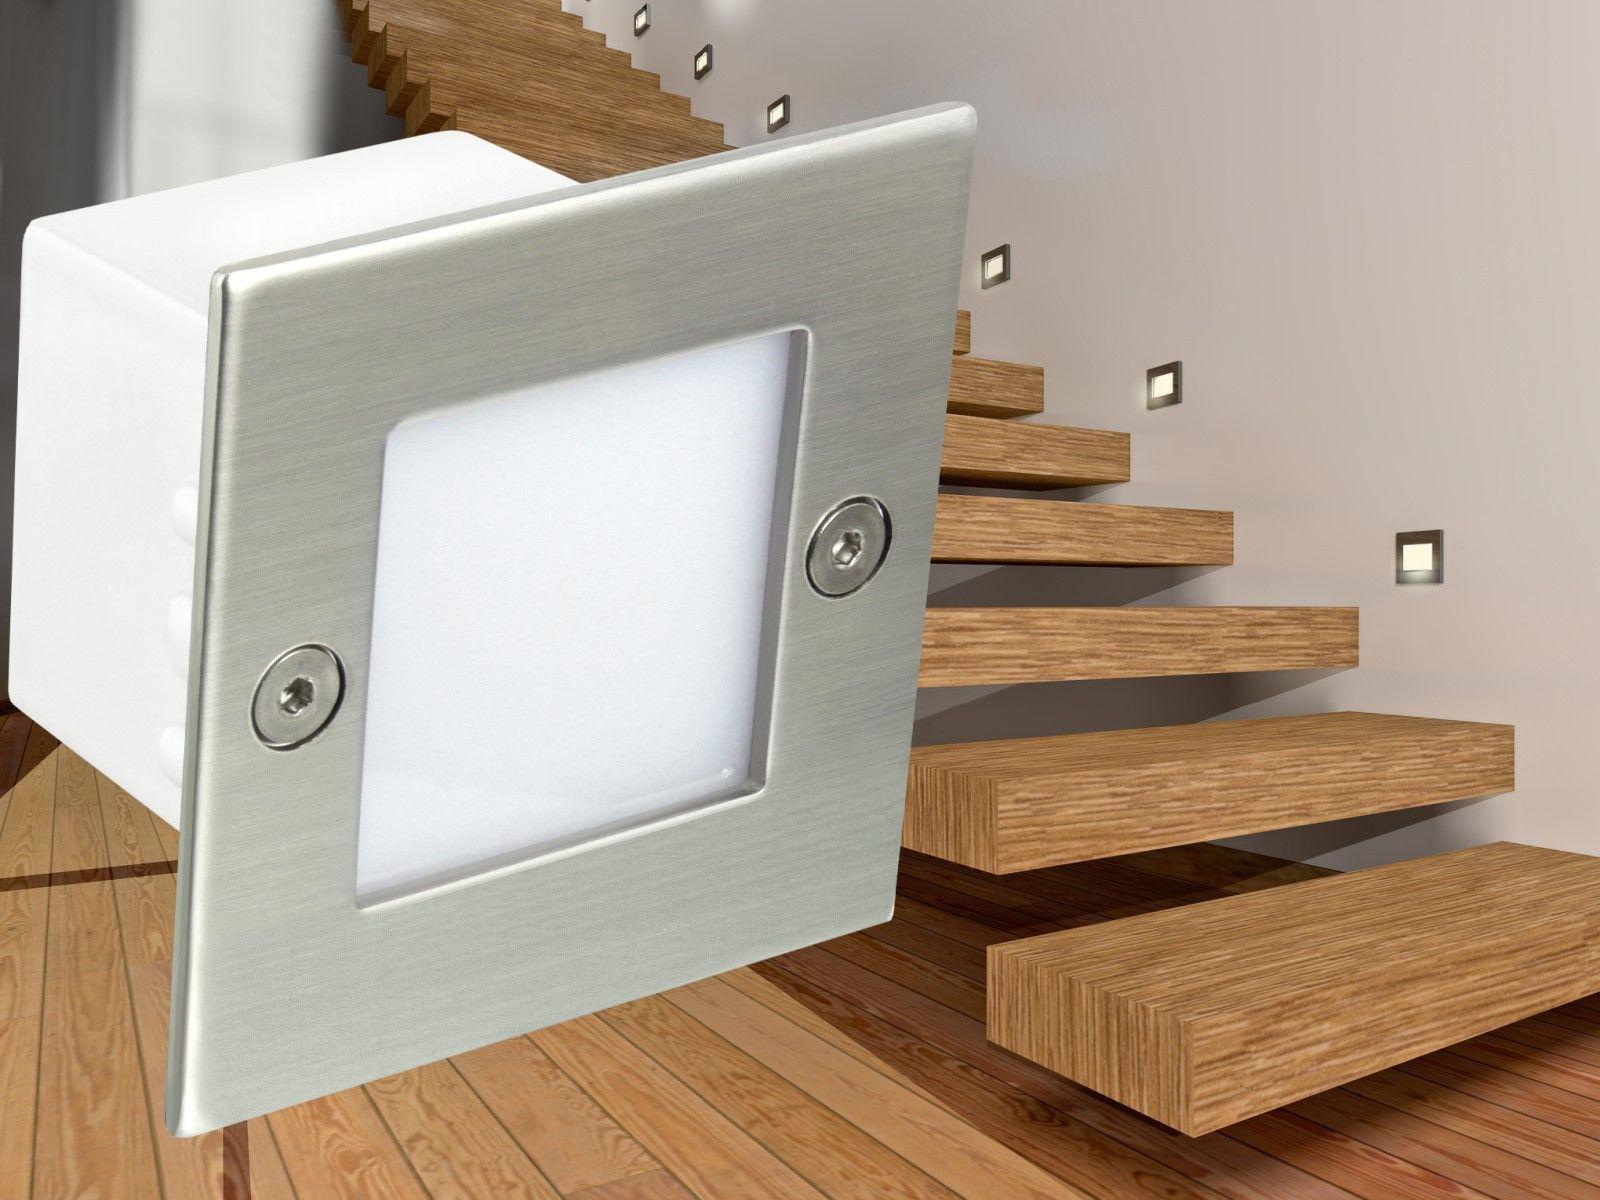 Led Einbauleuchte Boden Treppenleuchte B04 0 8w 230v Edelstahl Ip54 Lichtfarbe Warmweiss Treppenbeleuchtung Innen Treppenbeleuchtung Einbauleuchten